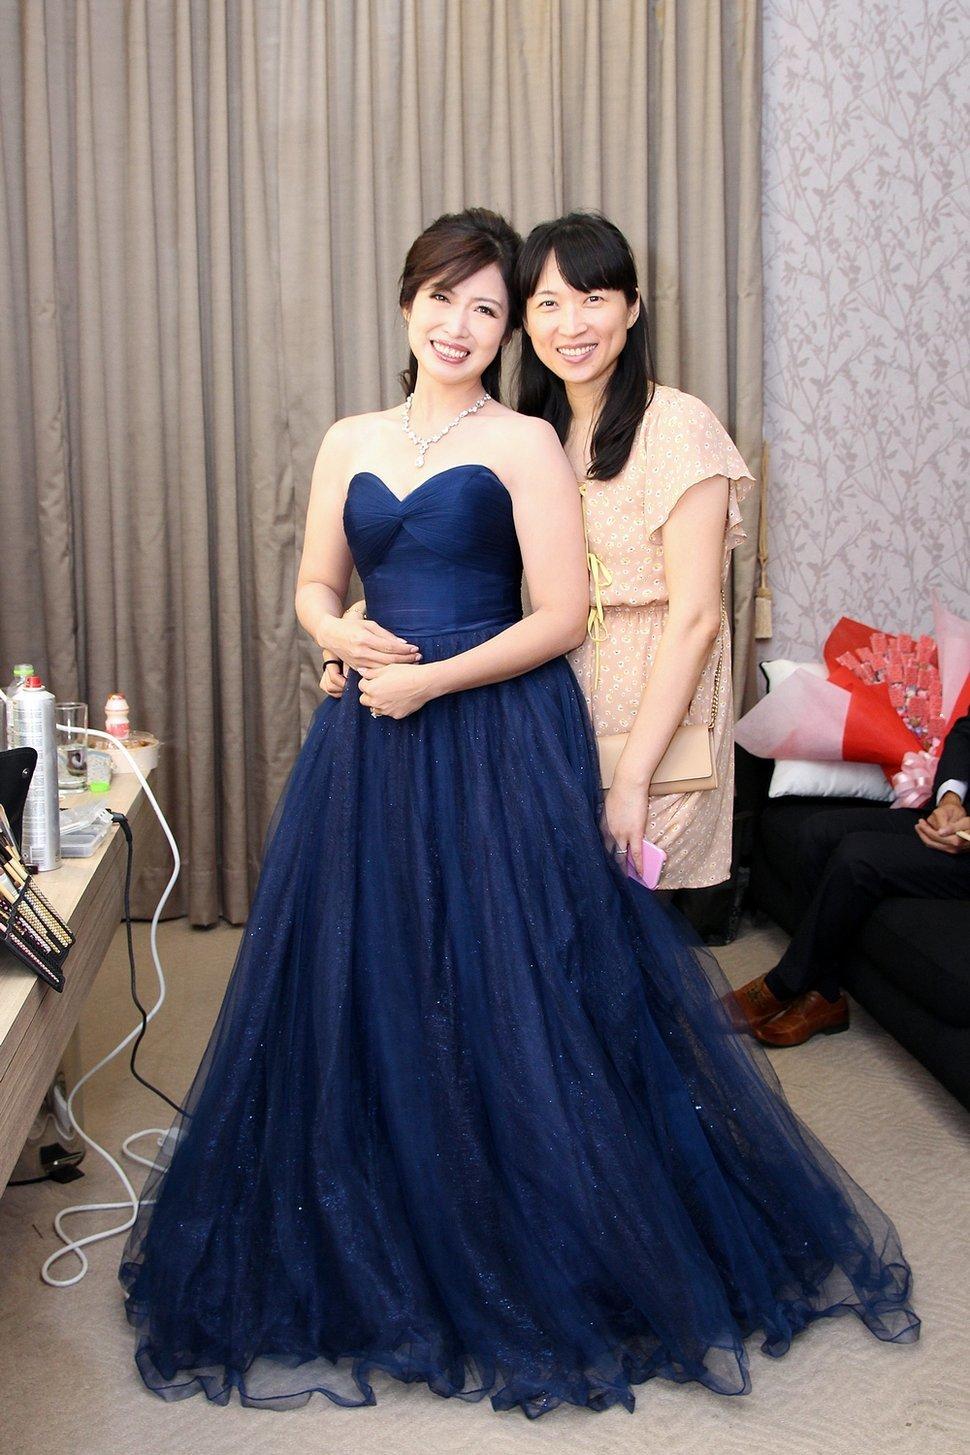 雅鈴&文偉(單午宴)(編號:431246) - 瑞比特婚禮紀錄攝影 - 結婚吧一站式婚禮服務平台